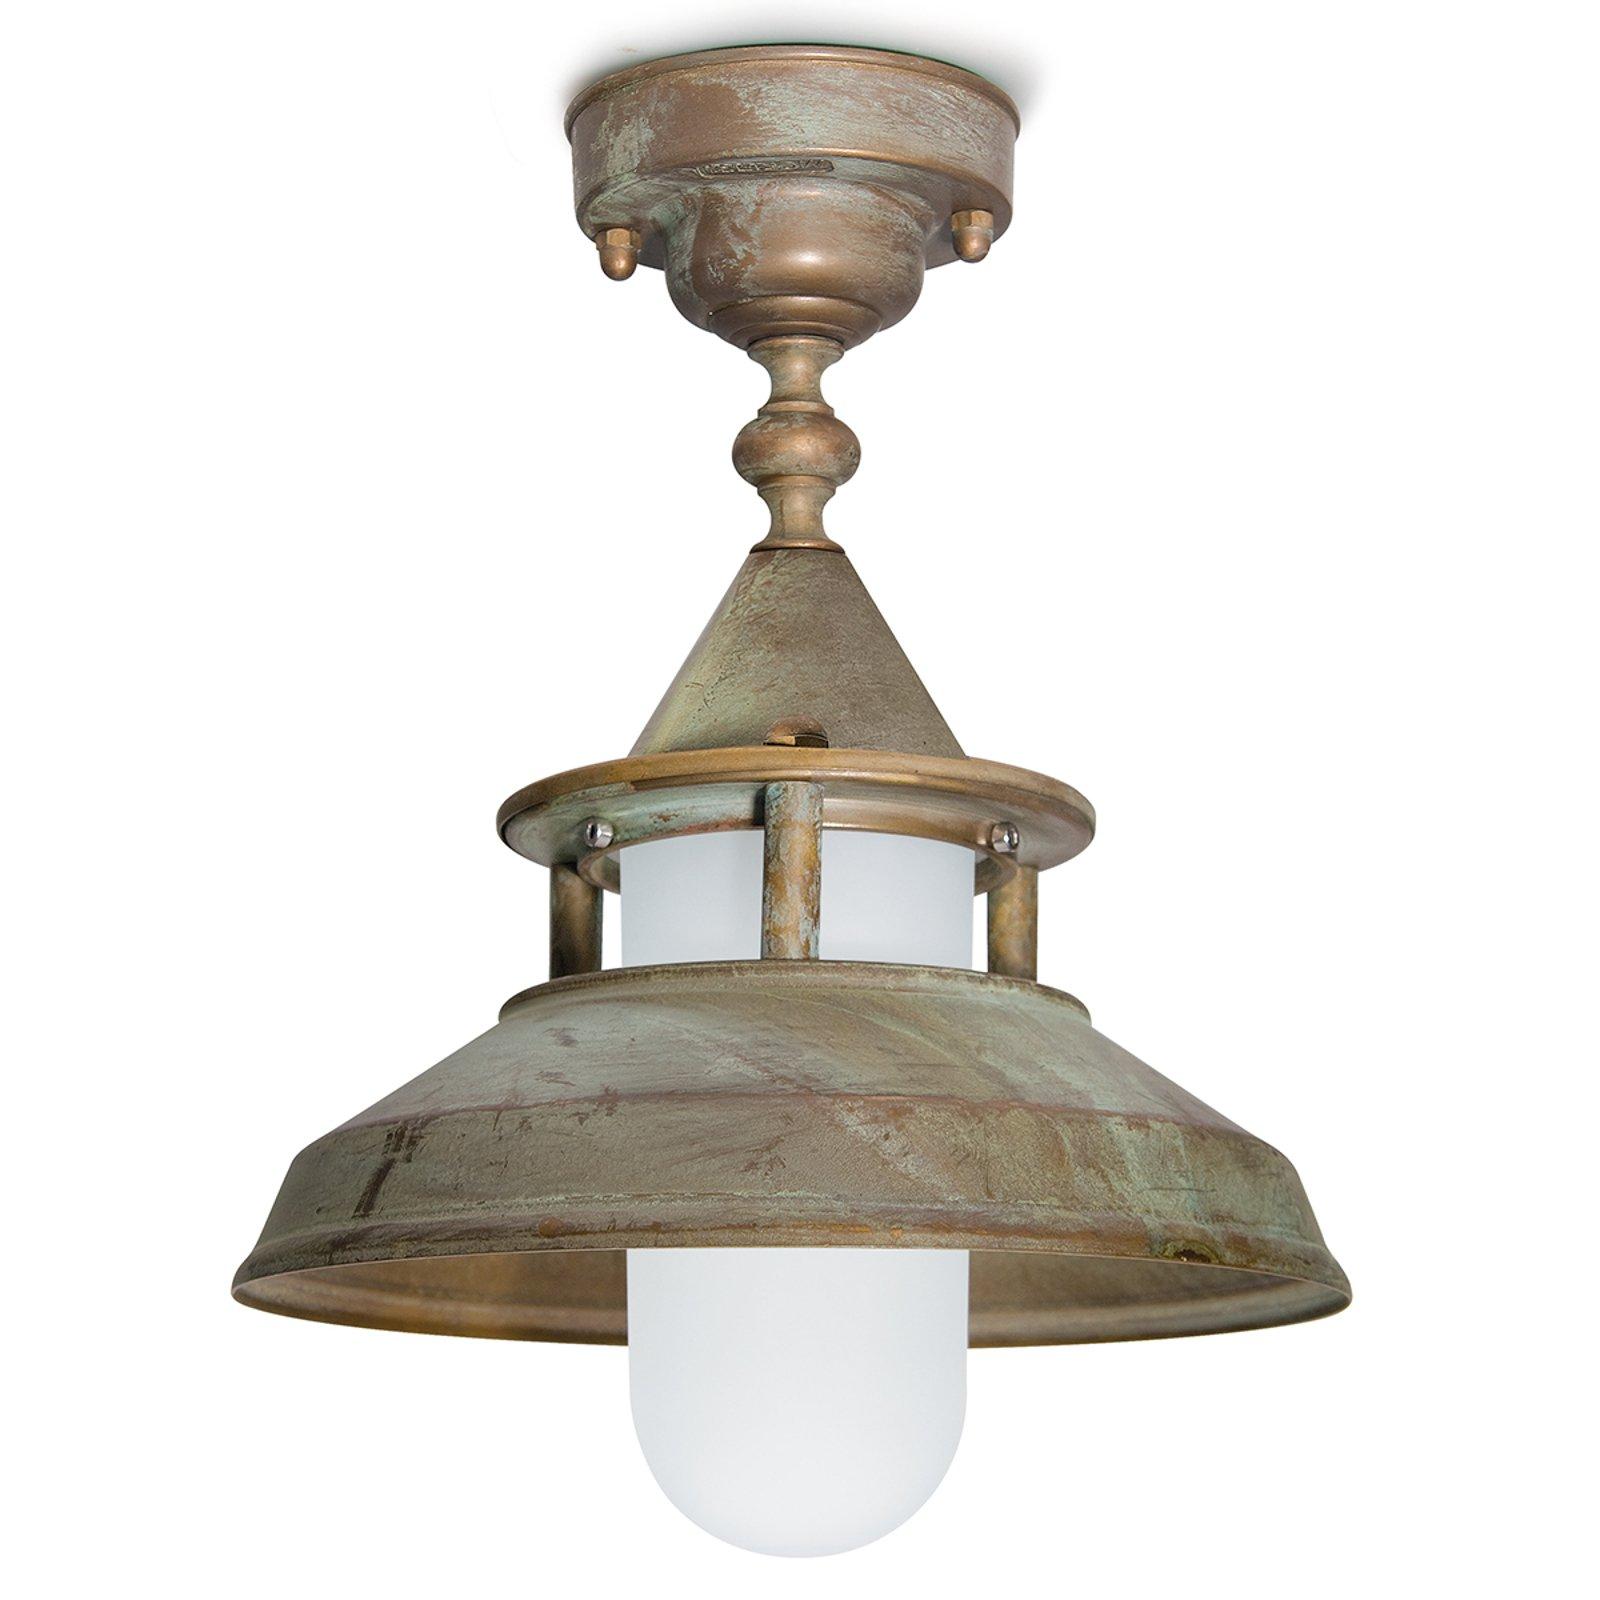 Taklampe Antique med antikk preg, tåler saltvann